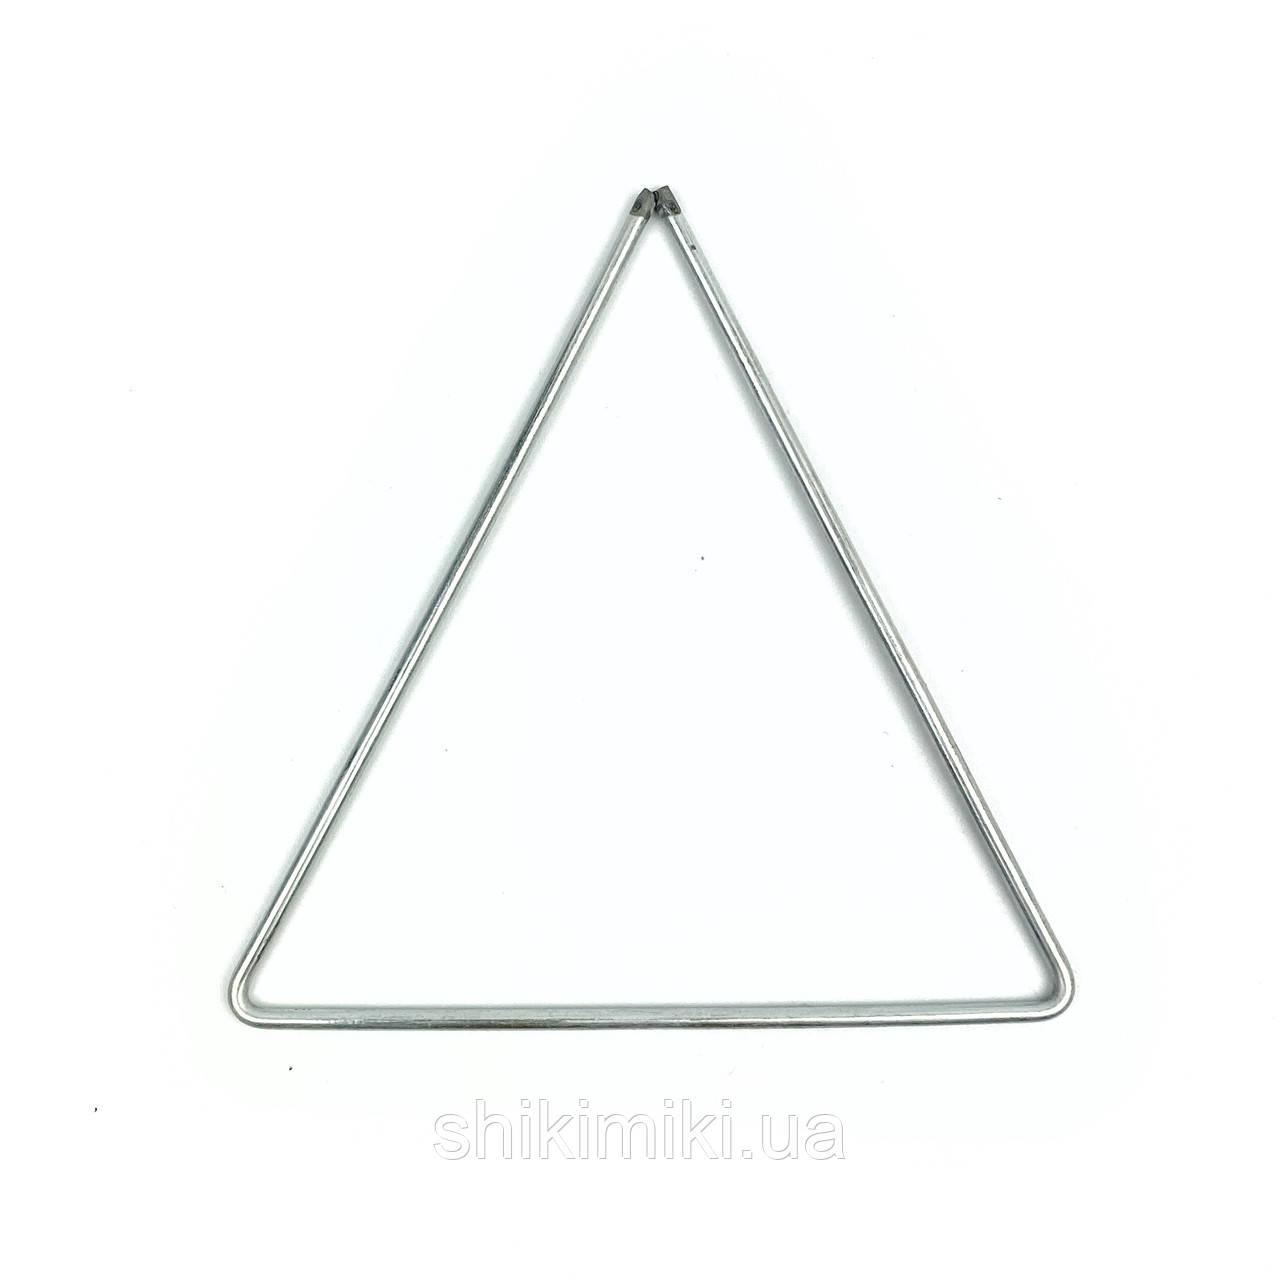 Треугольник металлический 15 см, цвет серебро